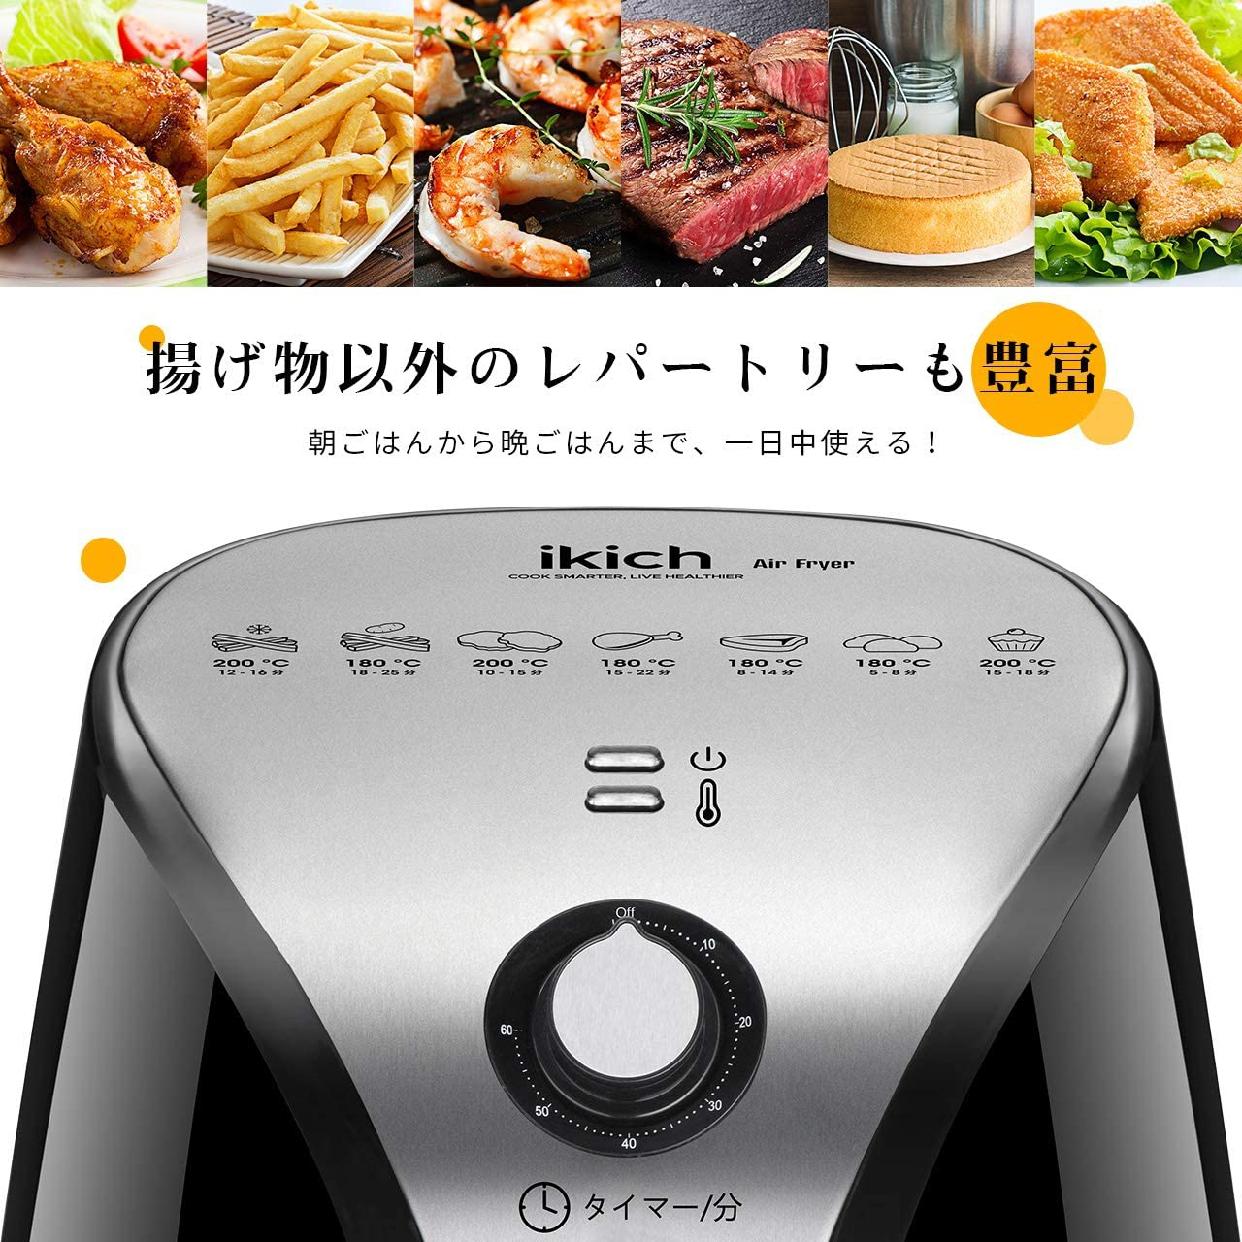 IKICH(イキチ)フライヤー 3.6L ブラックの商品画像4